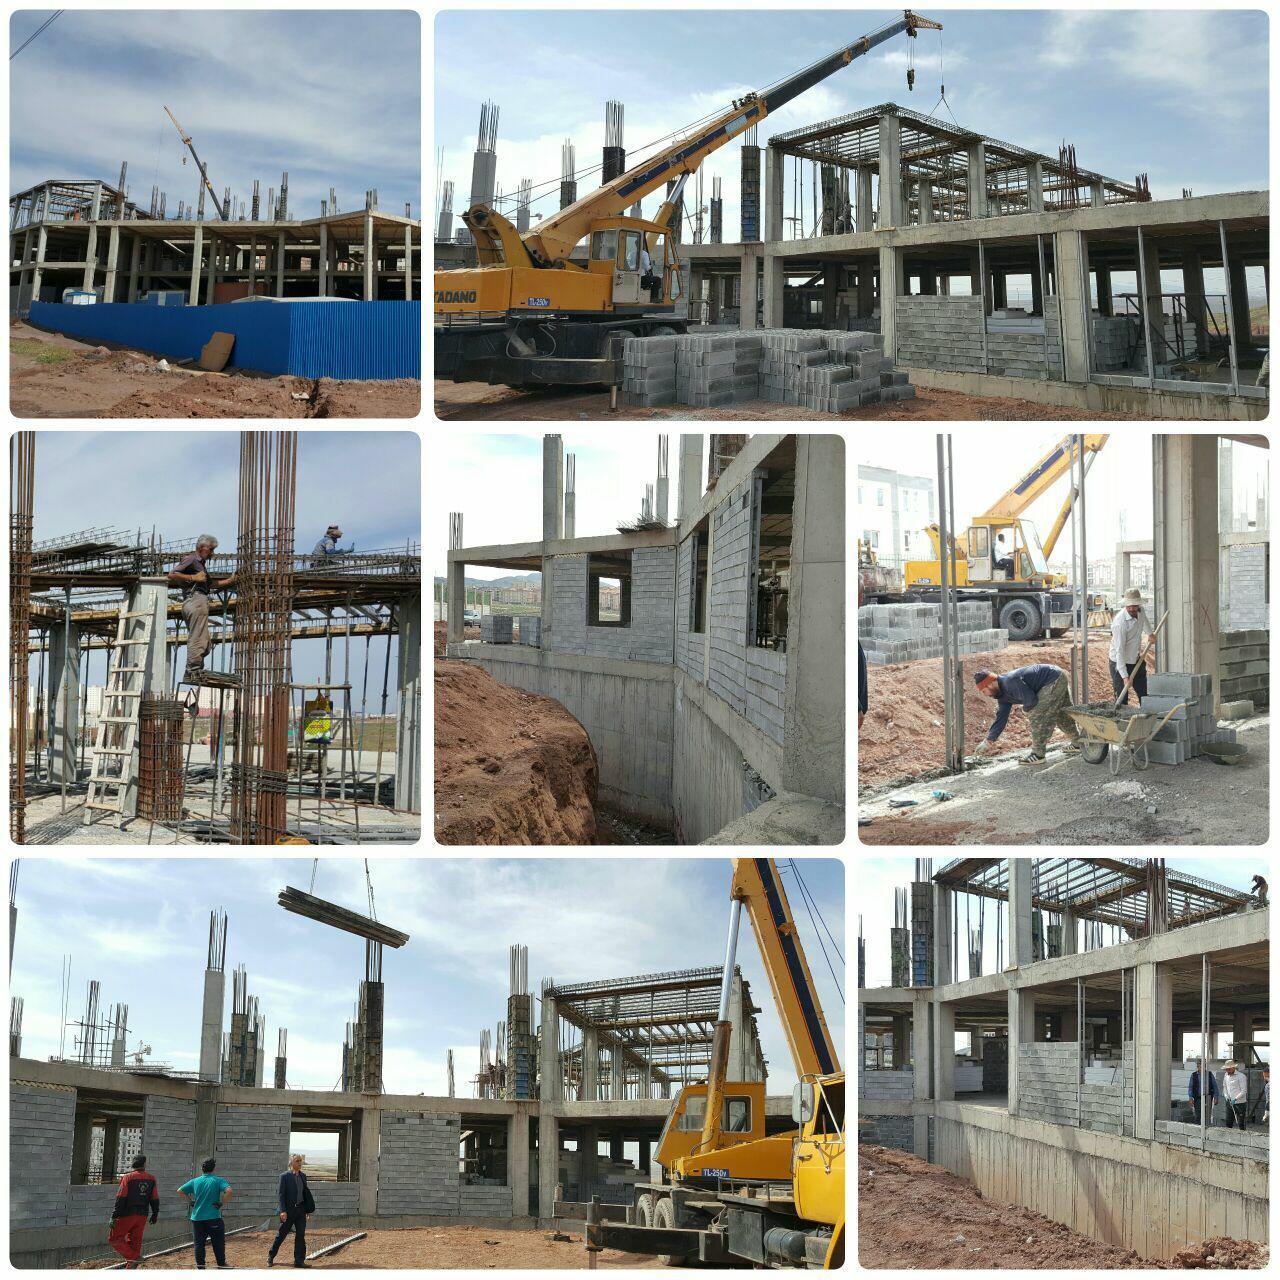 پیشرفت شتابان احداث ساختمان مرکزی شهرداری پرند